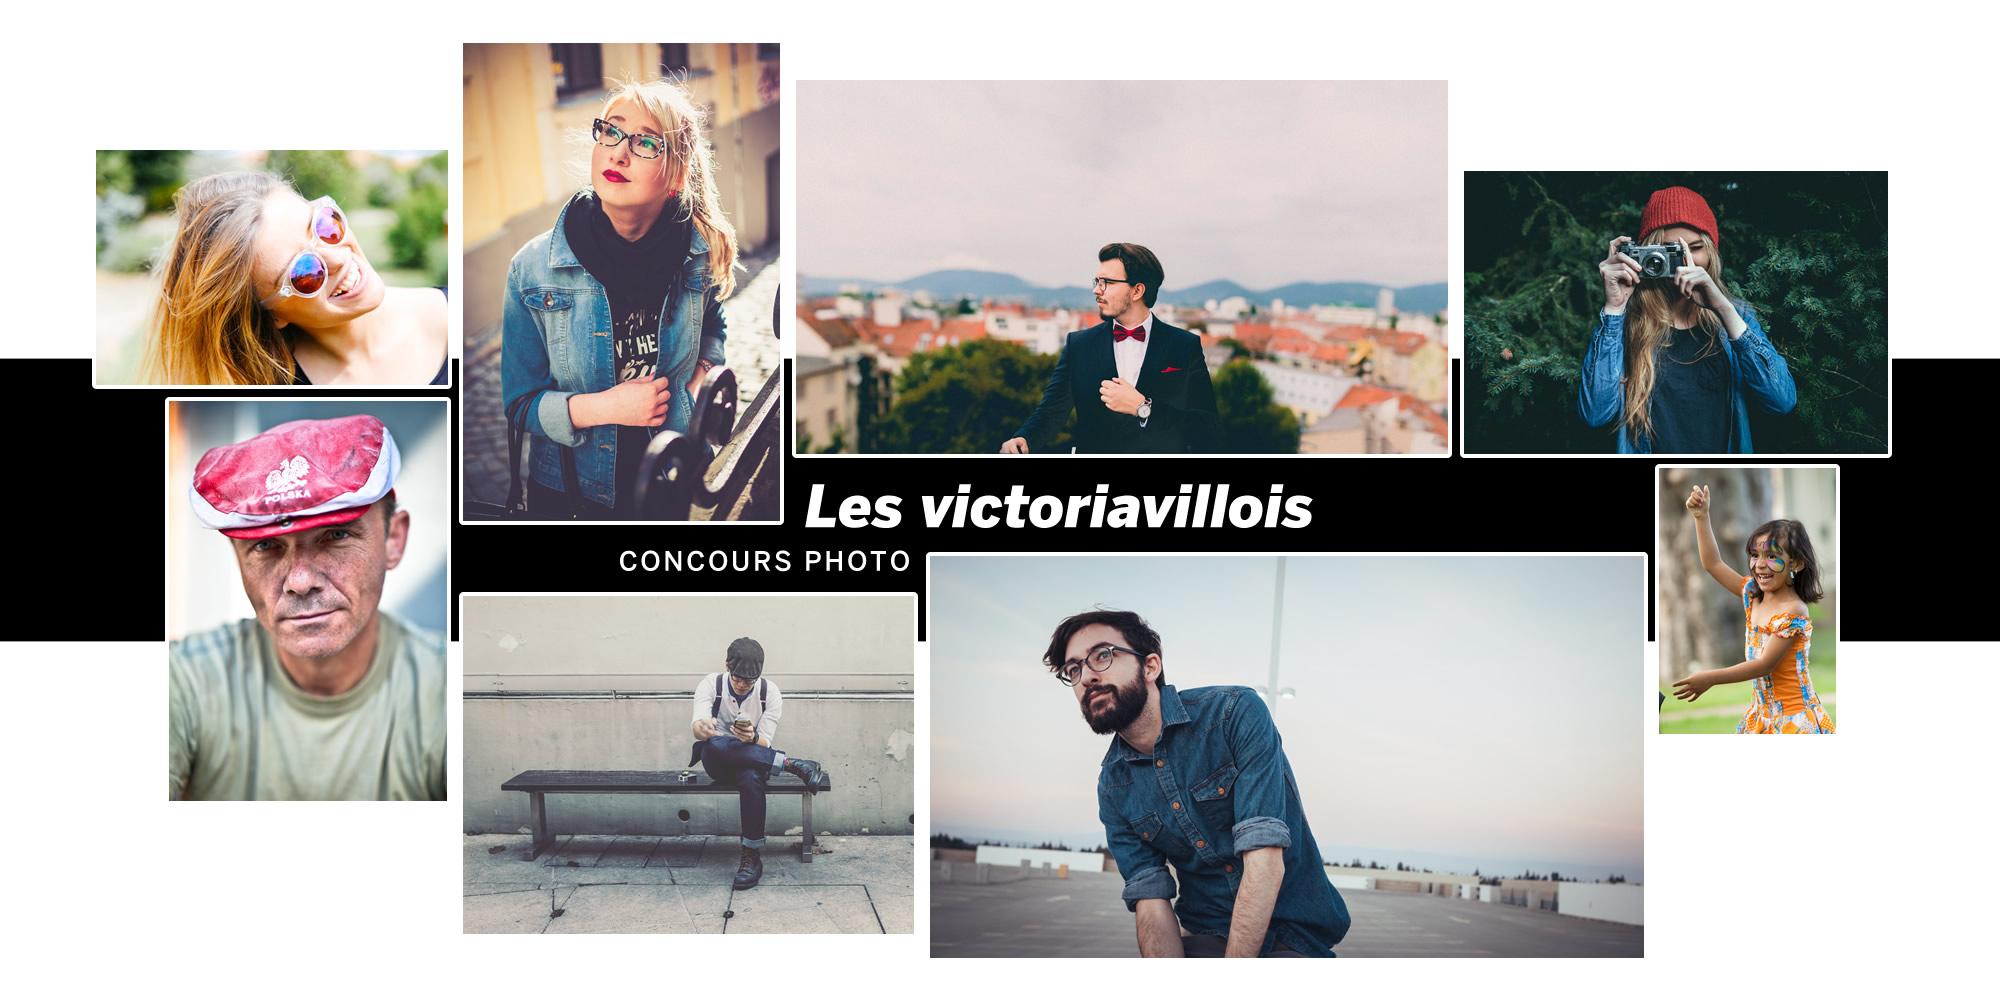 Les victoriavillois au coeur d'un nouveau concours photo